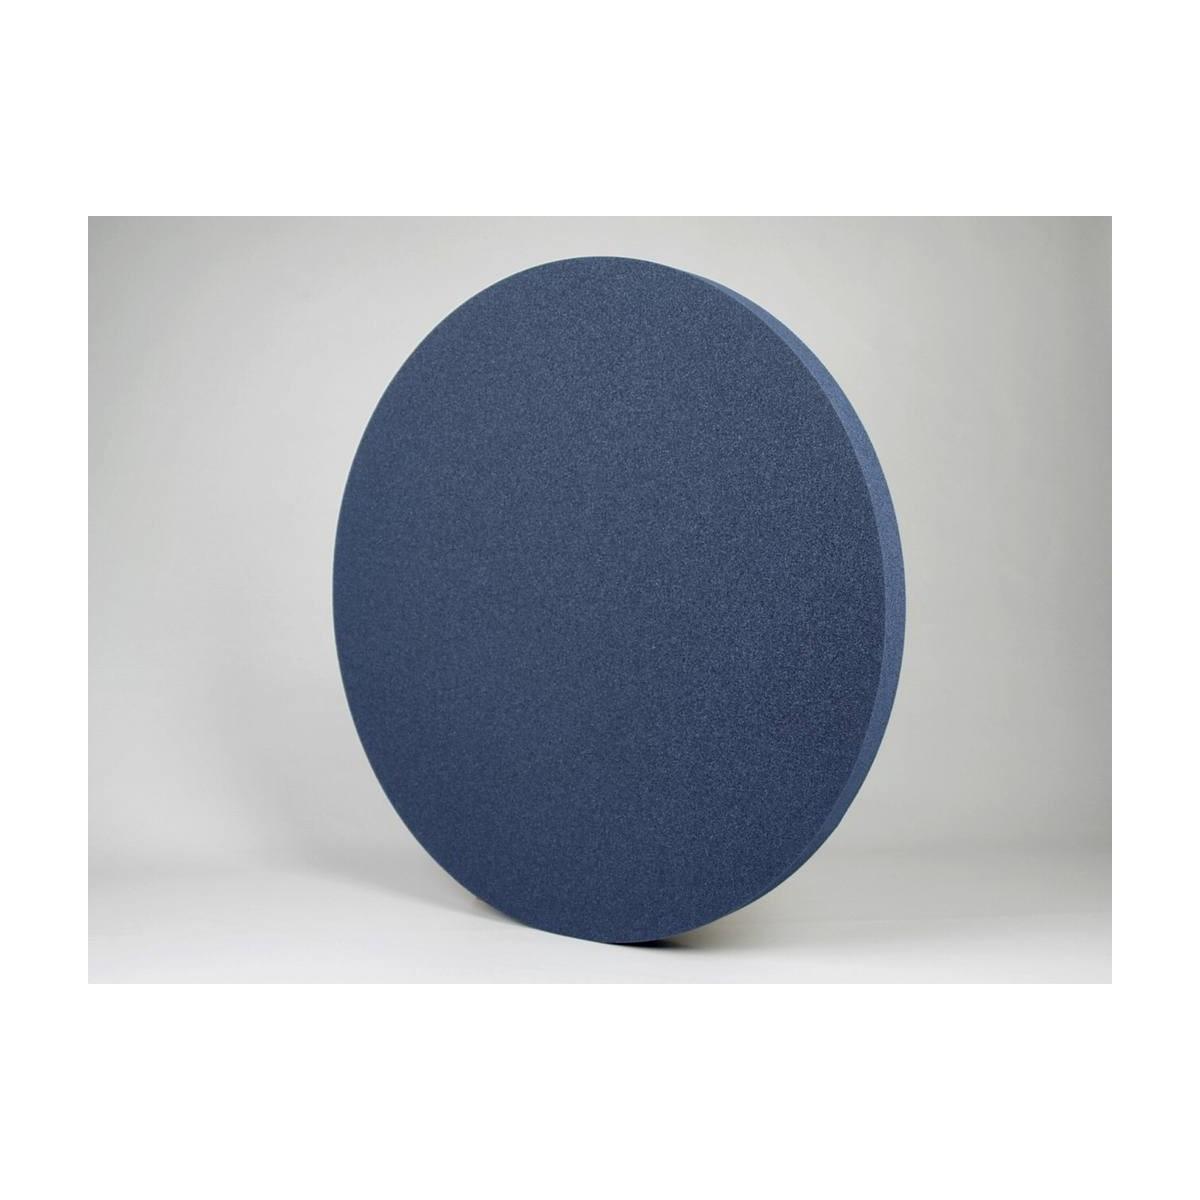 Circulo acustico para techo y paredes de 2 cm de espesor